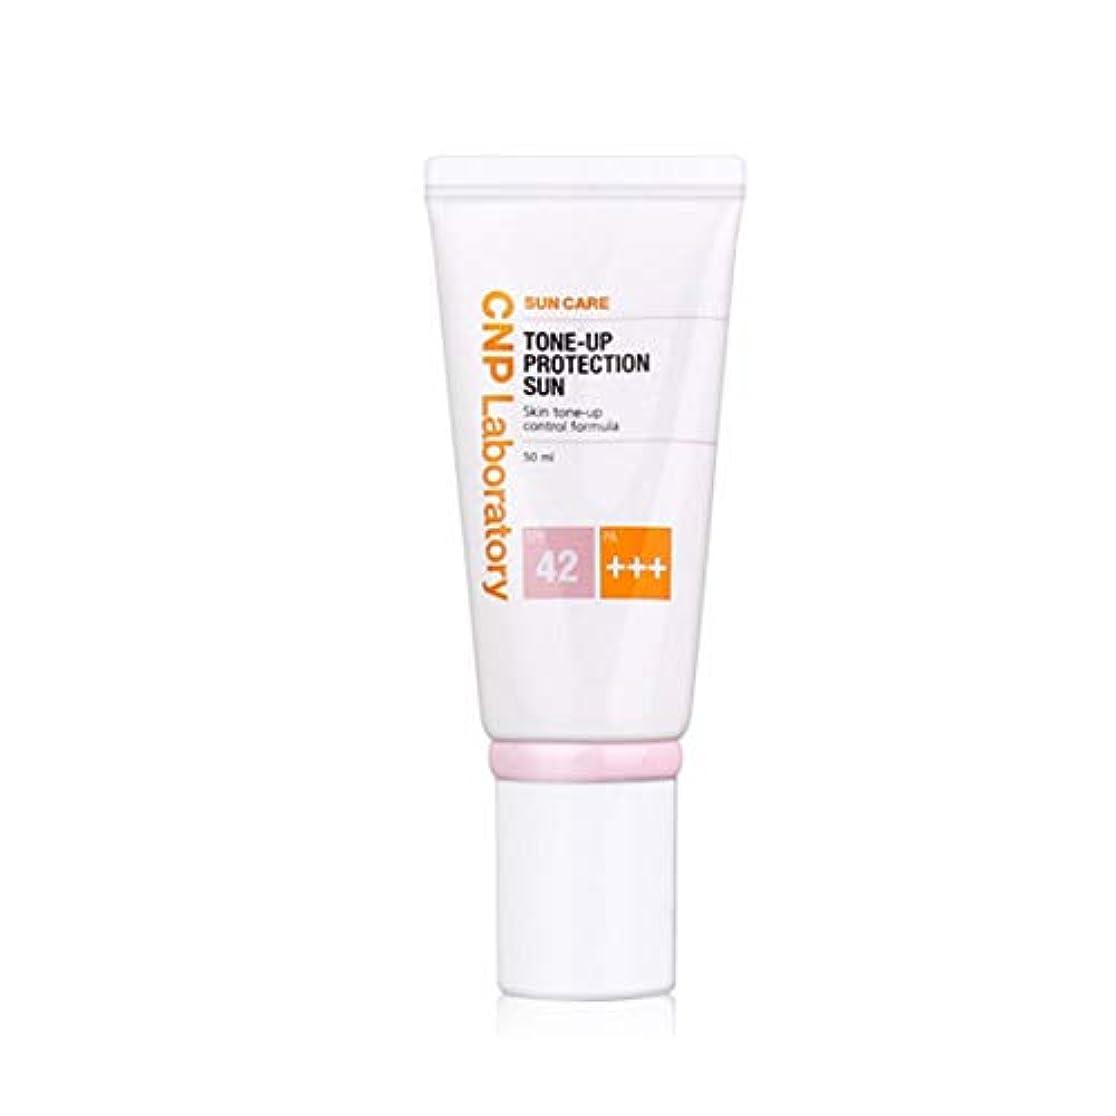 目の前の強打回復するCNPトンオププロテクションサン?クリーム紫外線遮断剤 (SPF42 / PA+++) 50ml、CNP Tone-up Protection Sun Cream (SPF42 / PA+++) 50ml [並行輸入品]